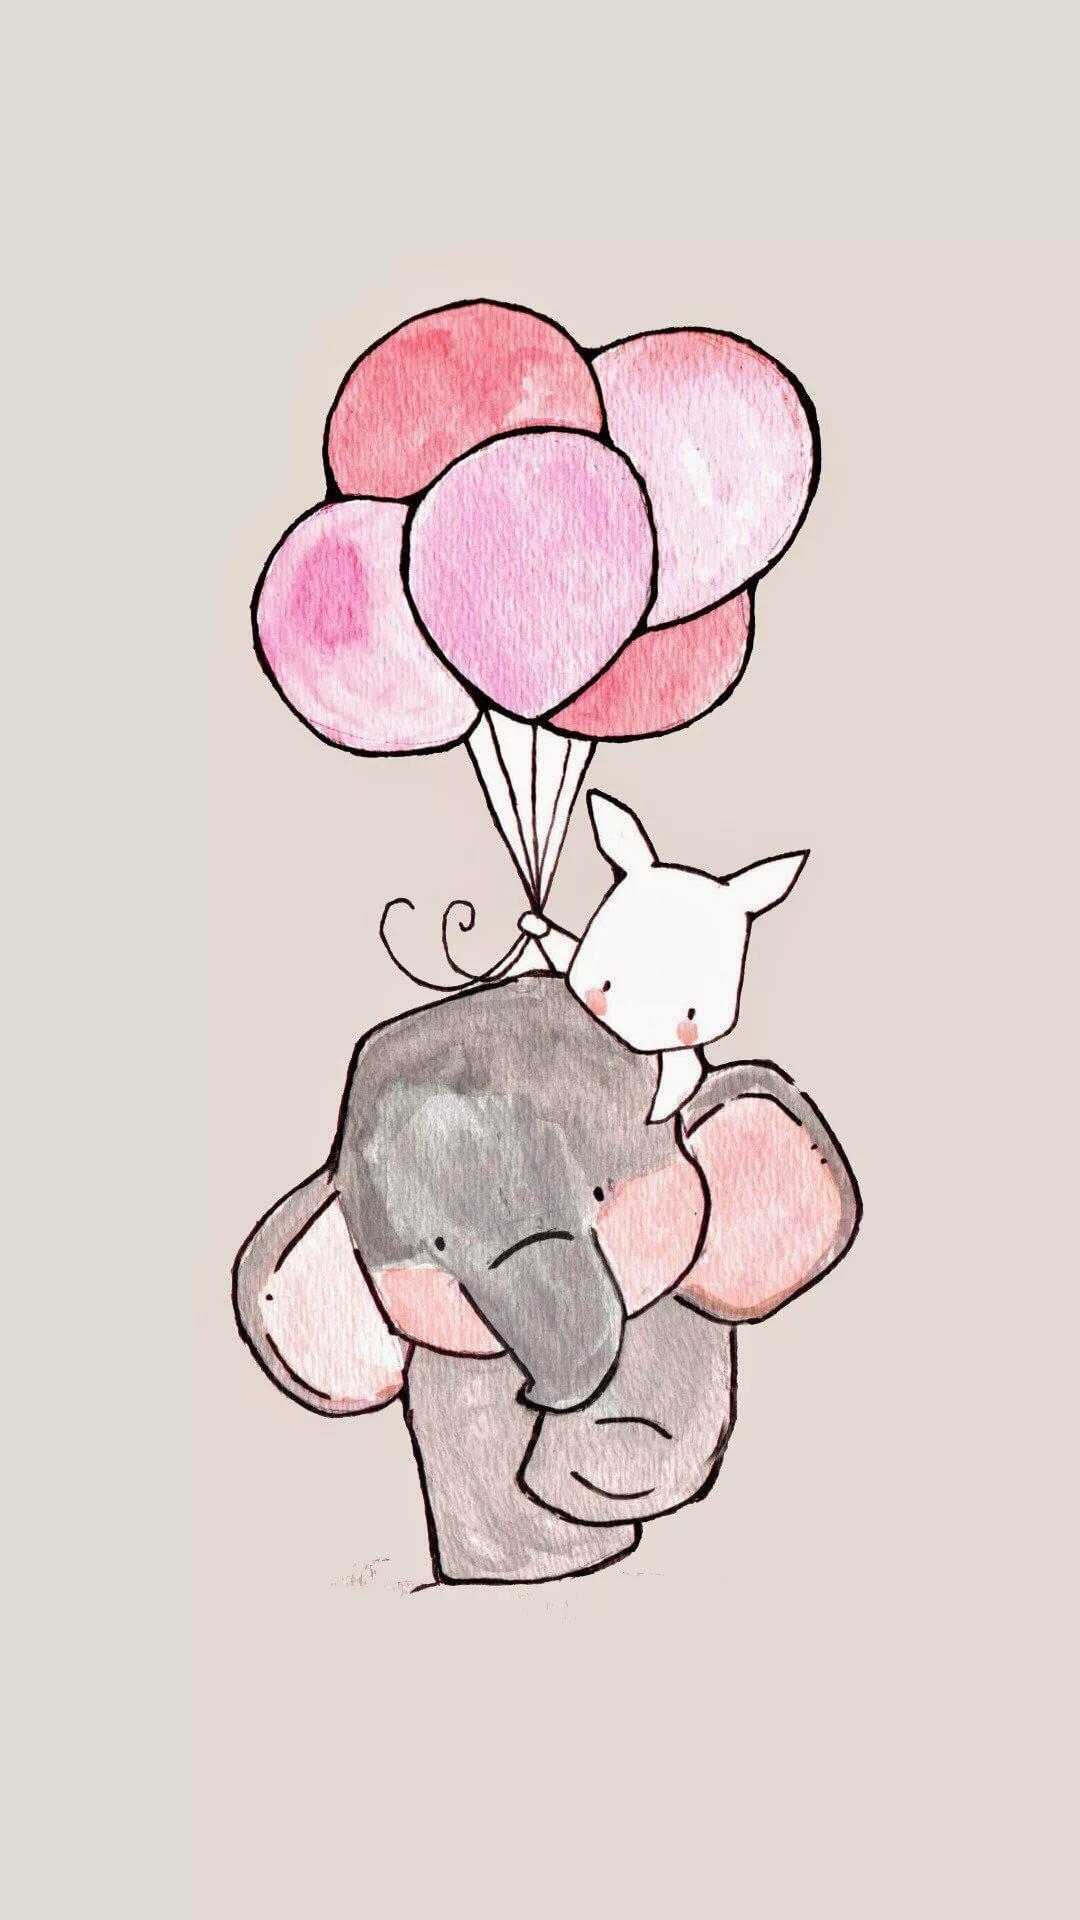 Картинки милые рисунки для срисовки, мне день рождения